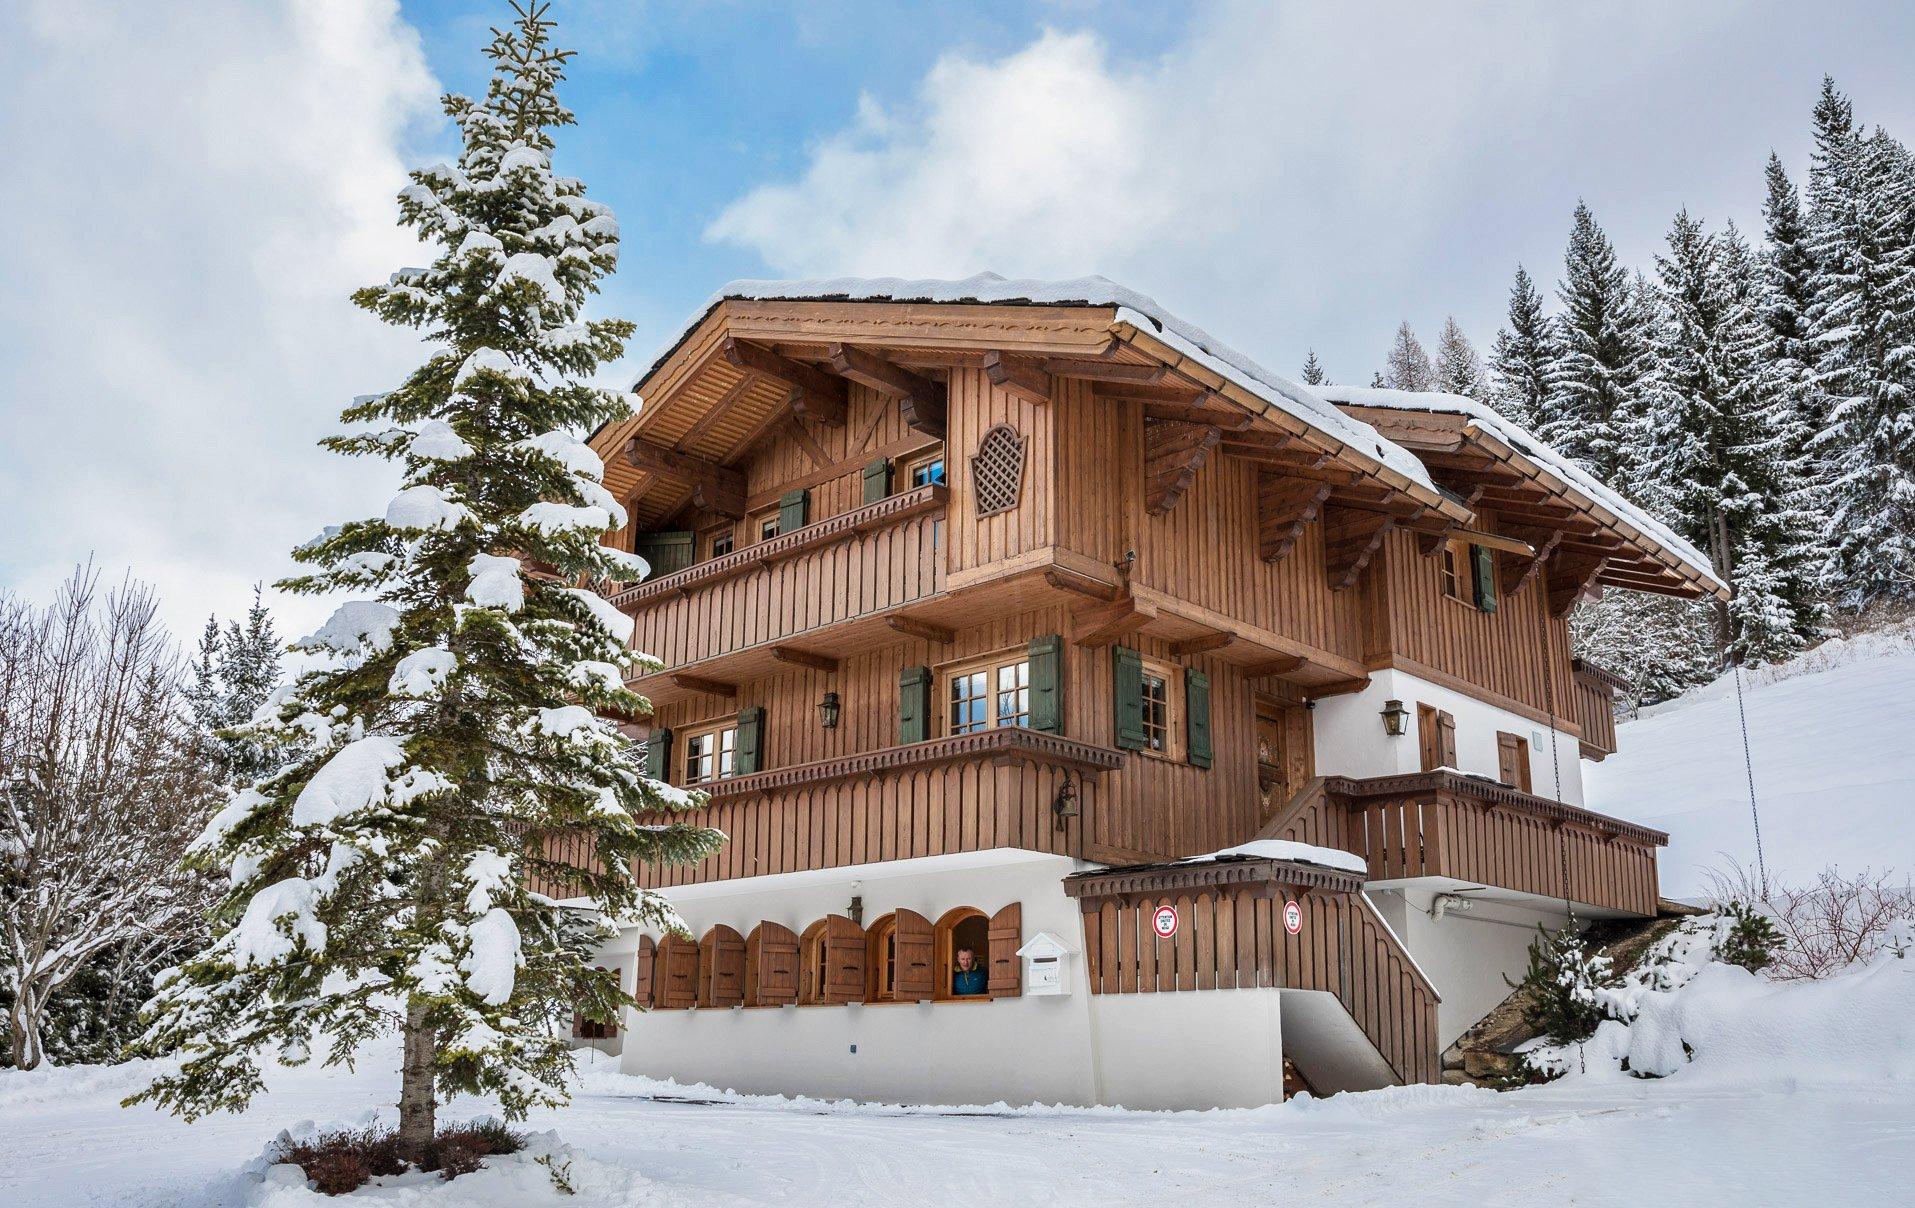 Chalet bois d 39 emeraude in la tania france le ski for Chalet bois